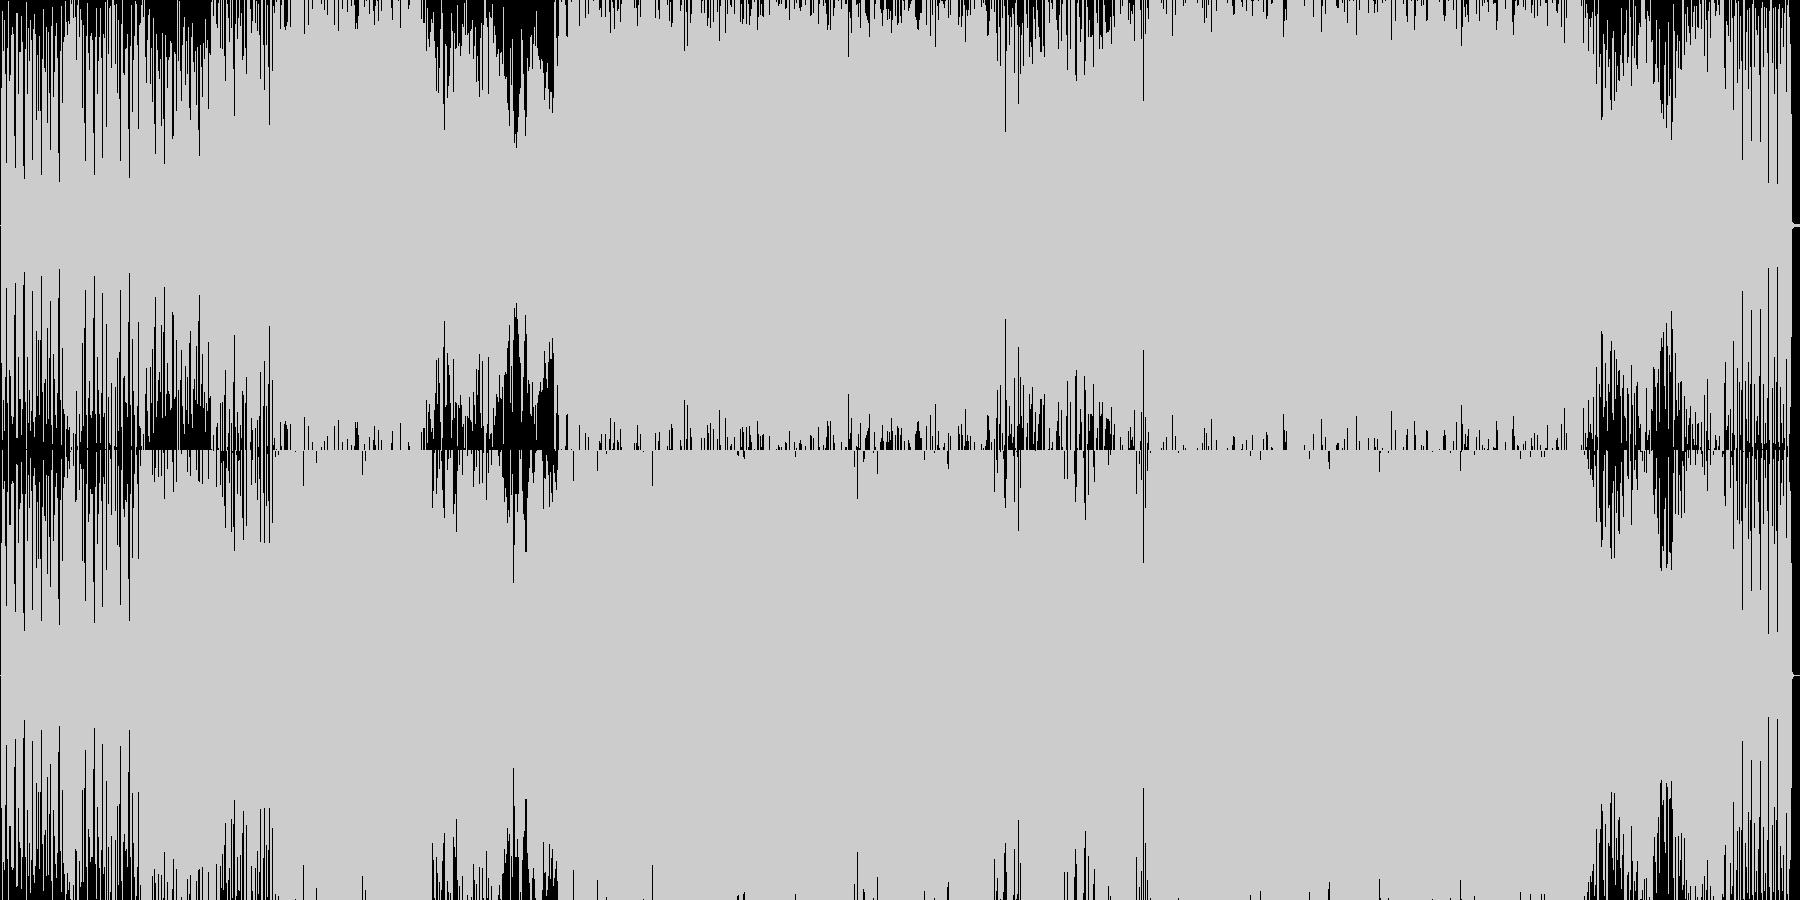 ギターリフが特徴的なドラムンベースの未再生の波形